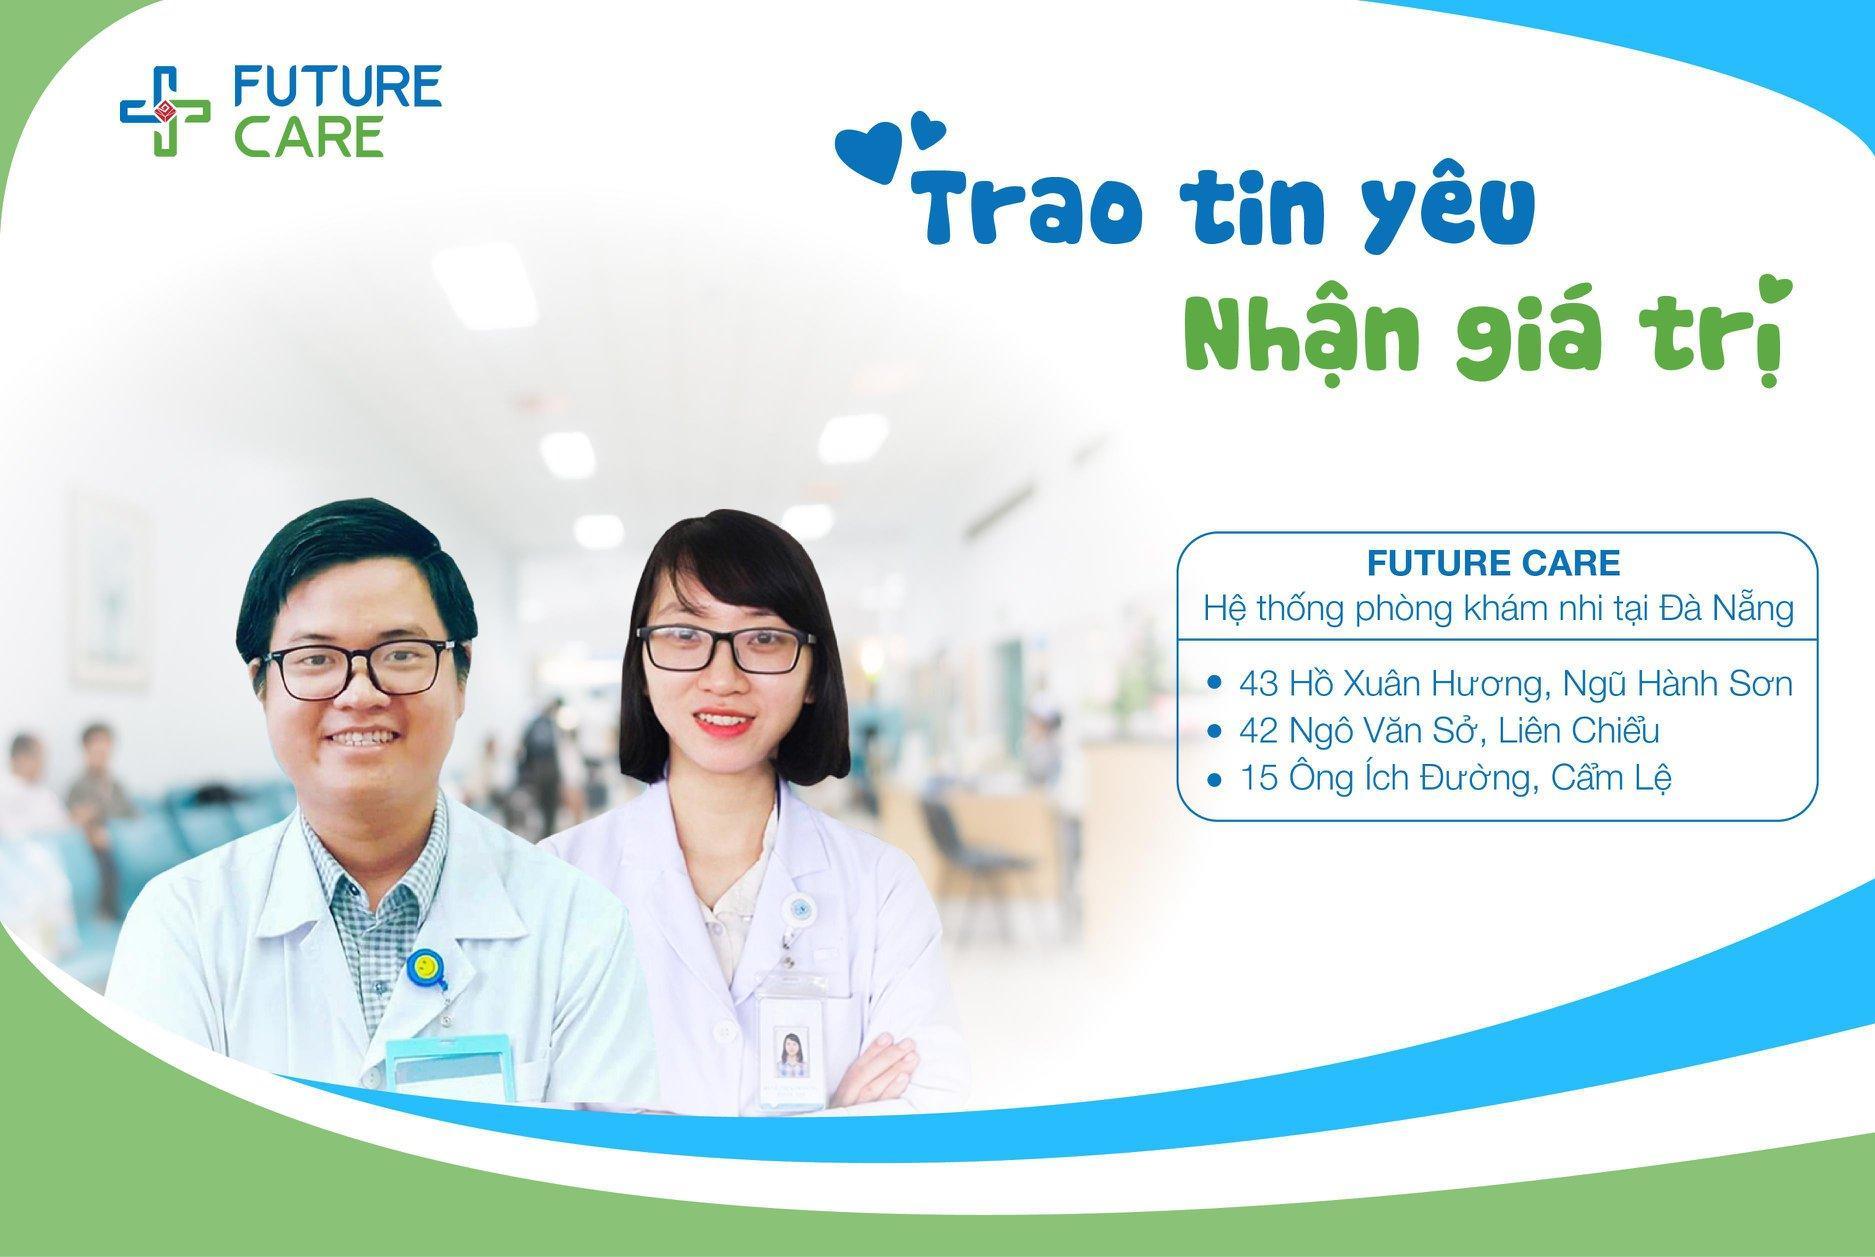 PHÒNG KHÁM NHI FUTURE CARE